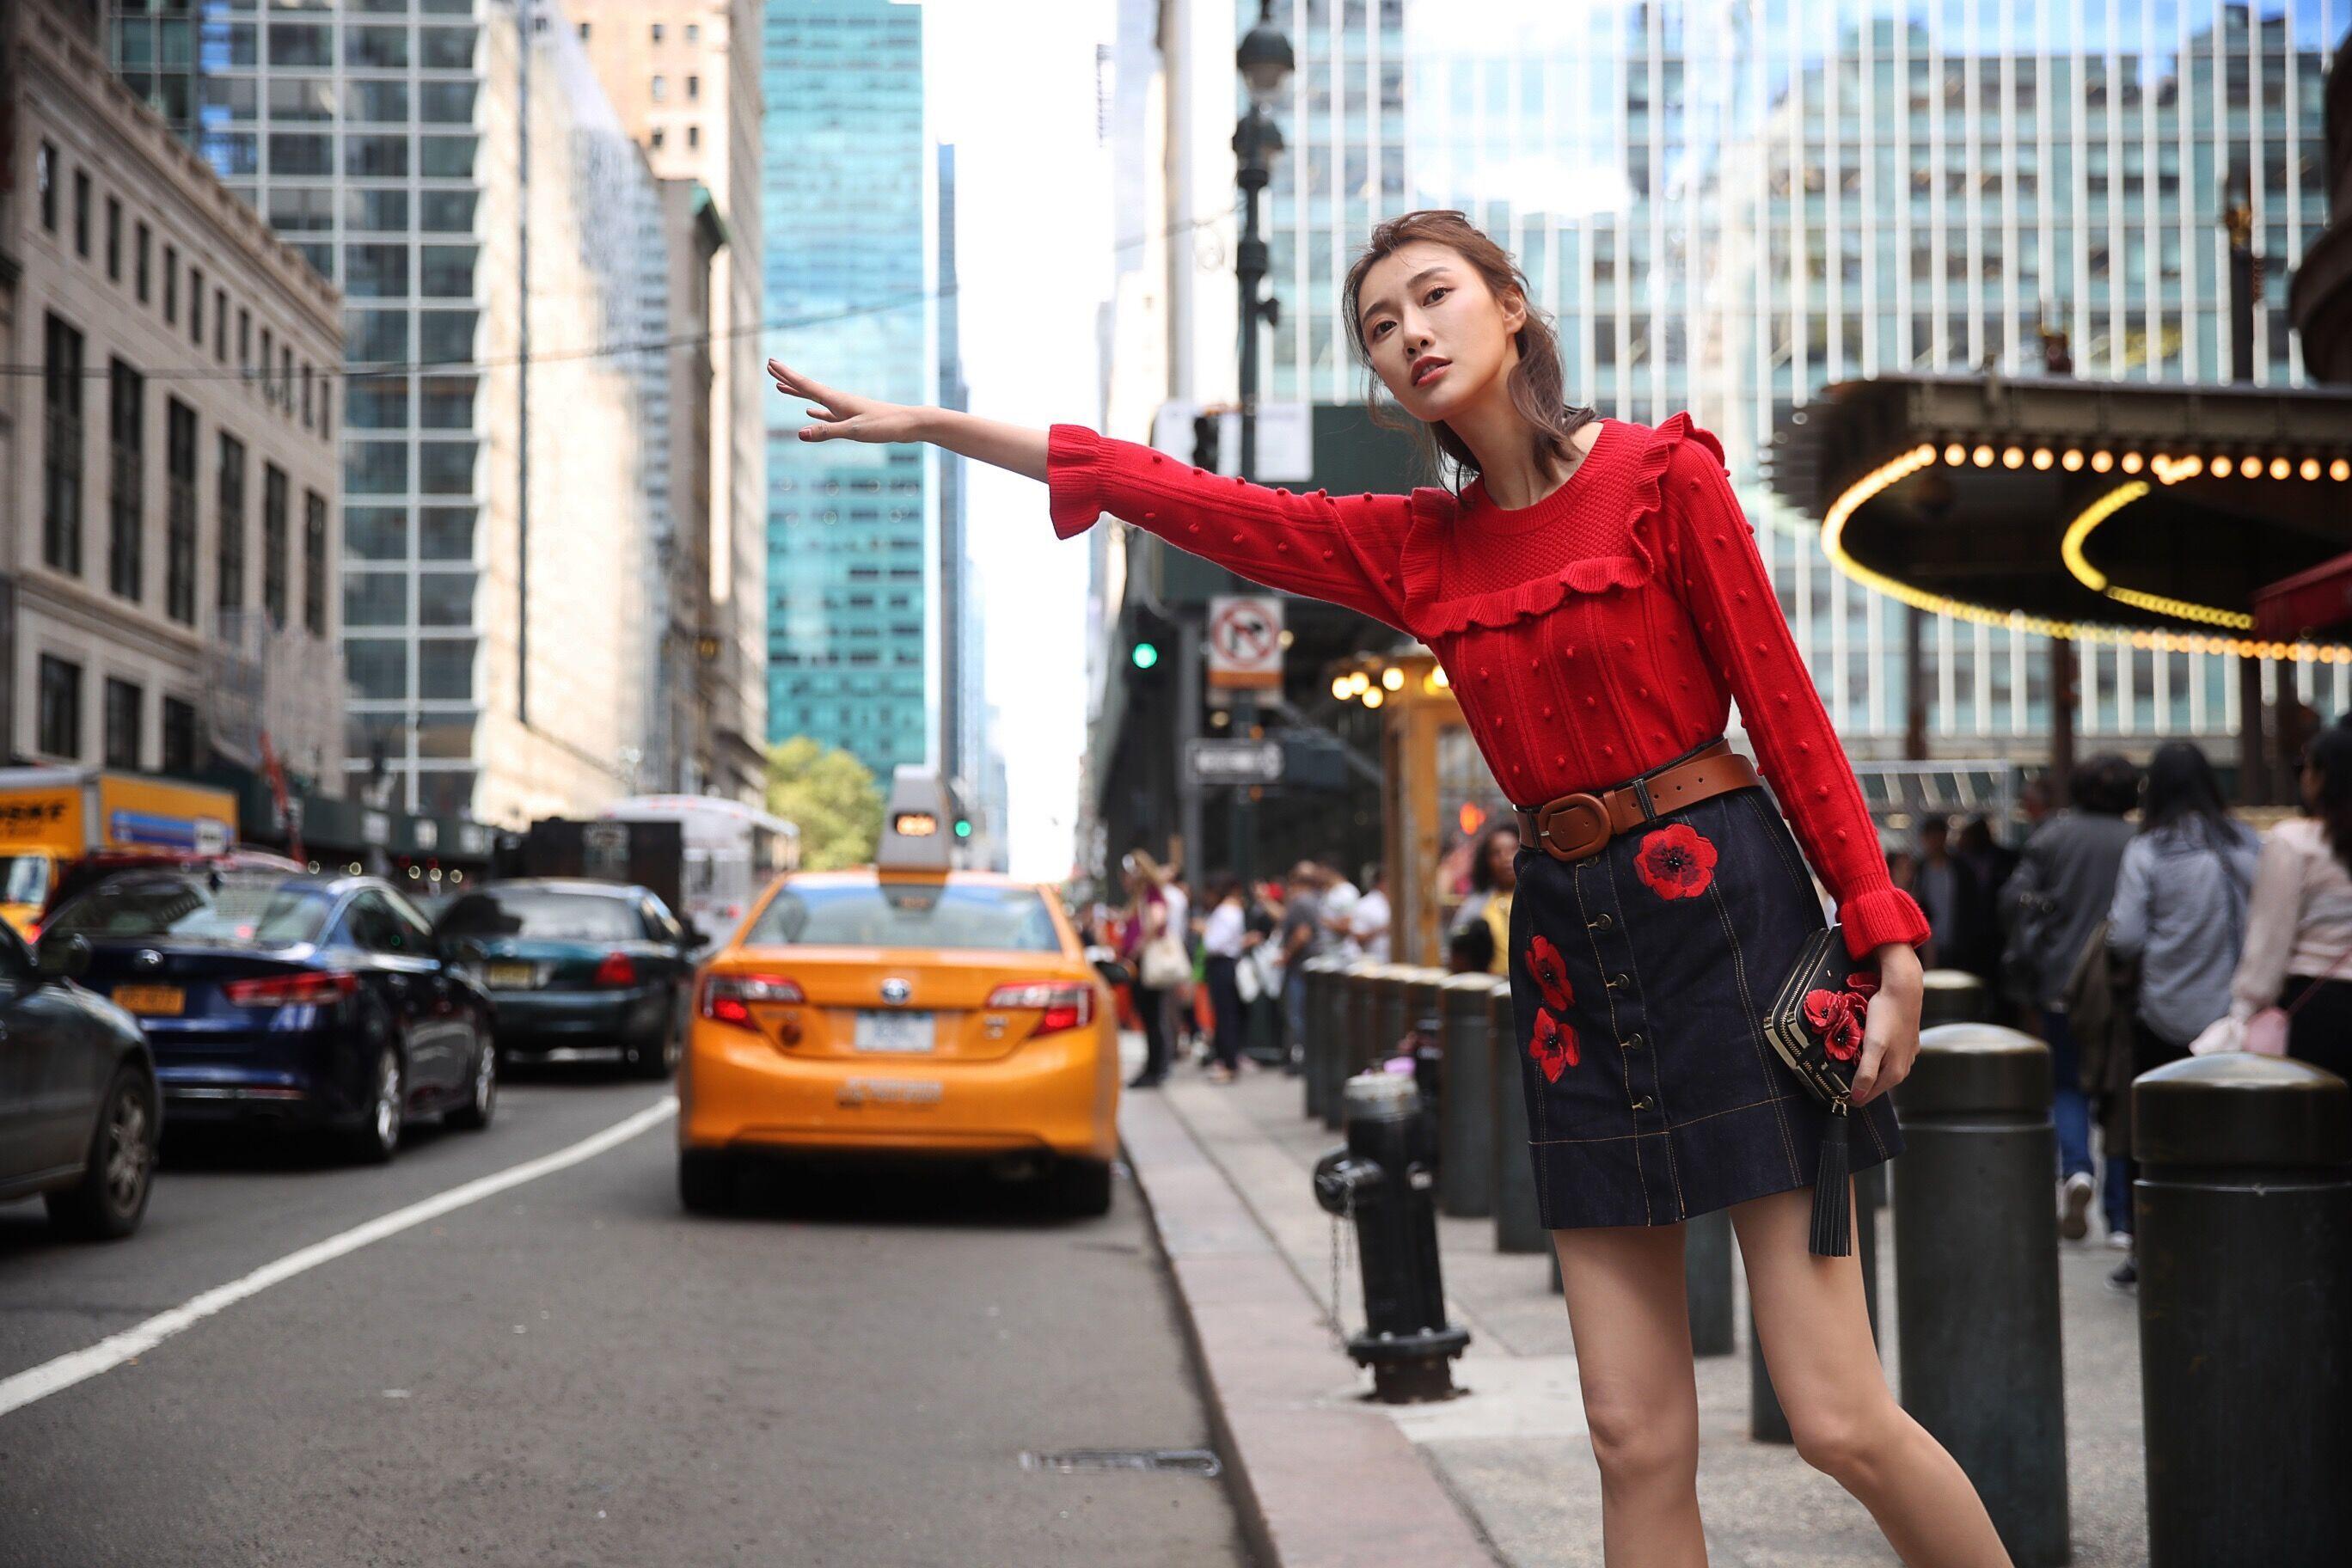 李斯羽最新街拍曝光 网友:纽约街头打车三部曲_搜狐娱乐_搜狐网